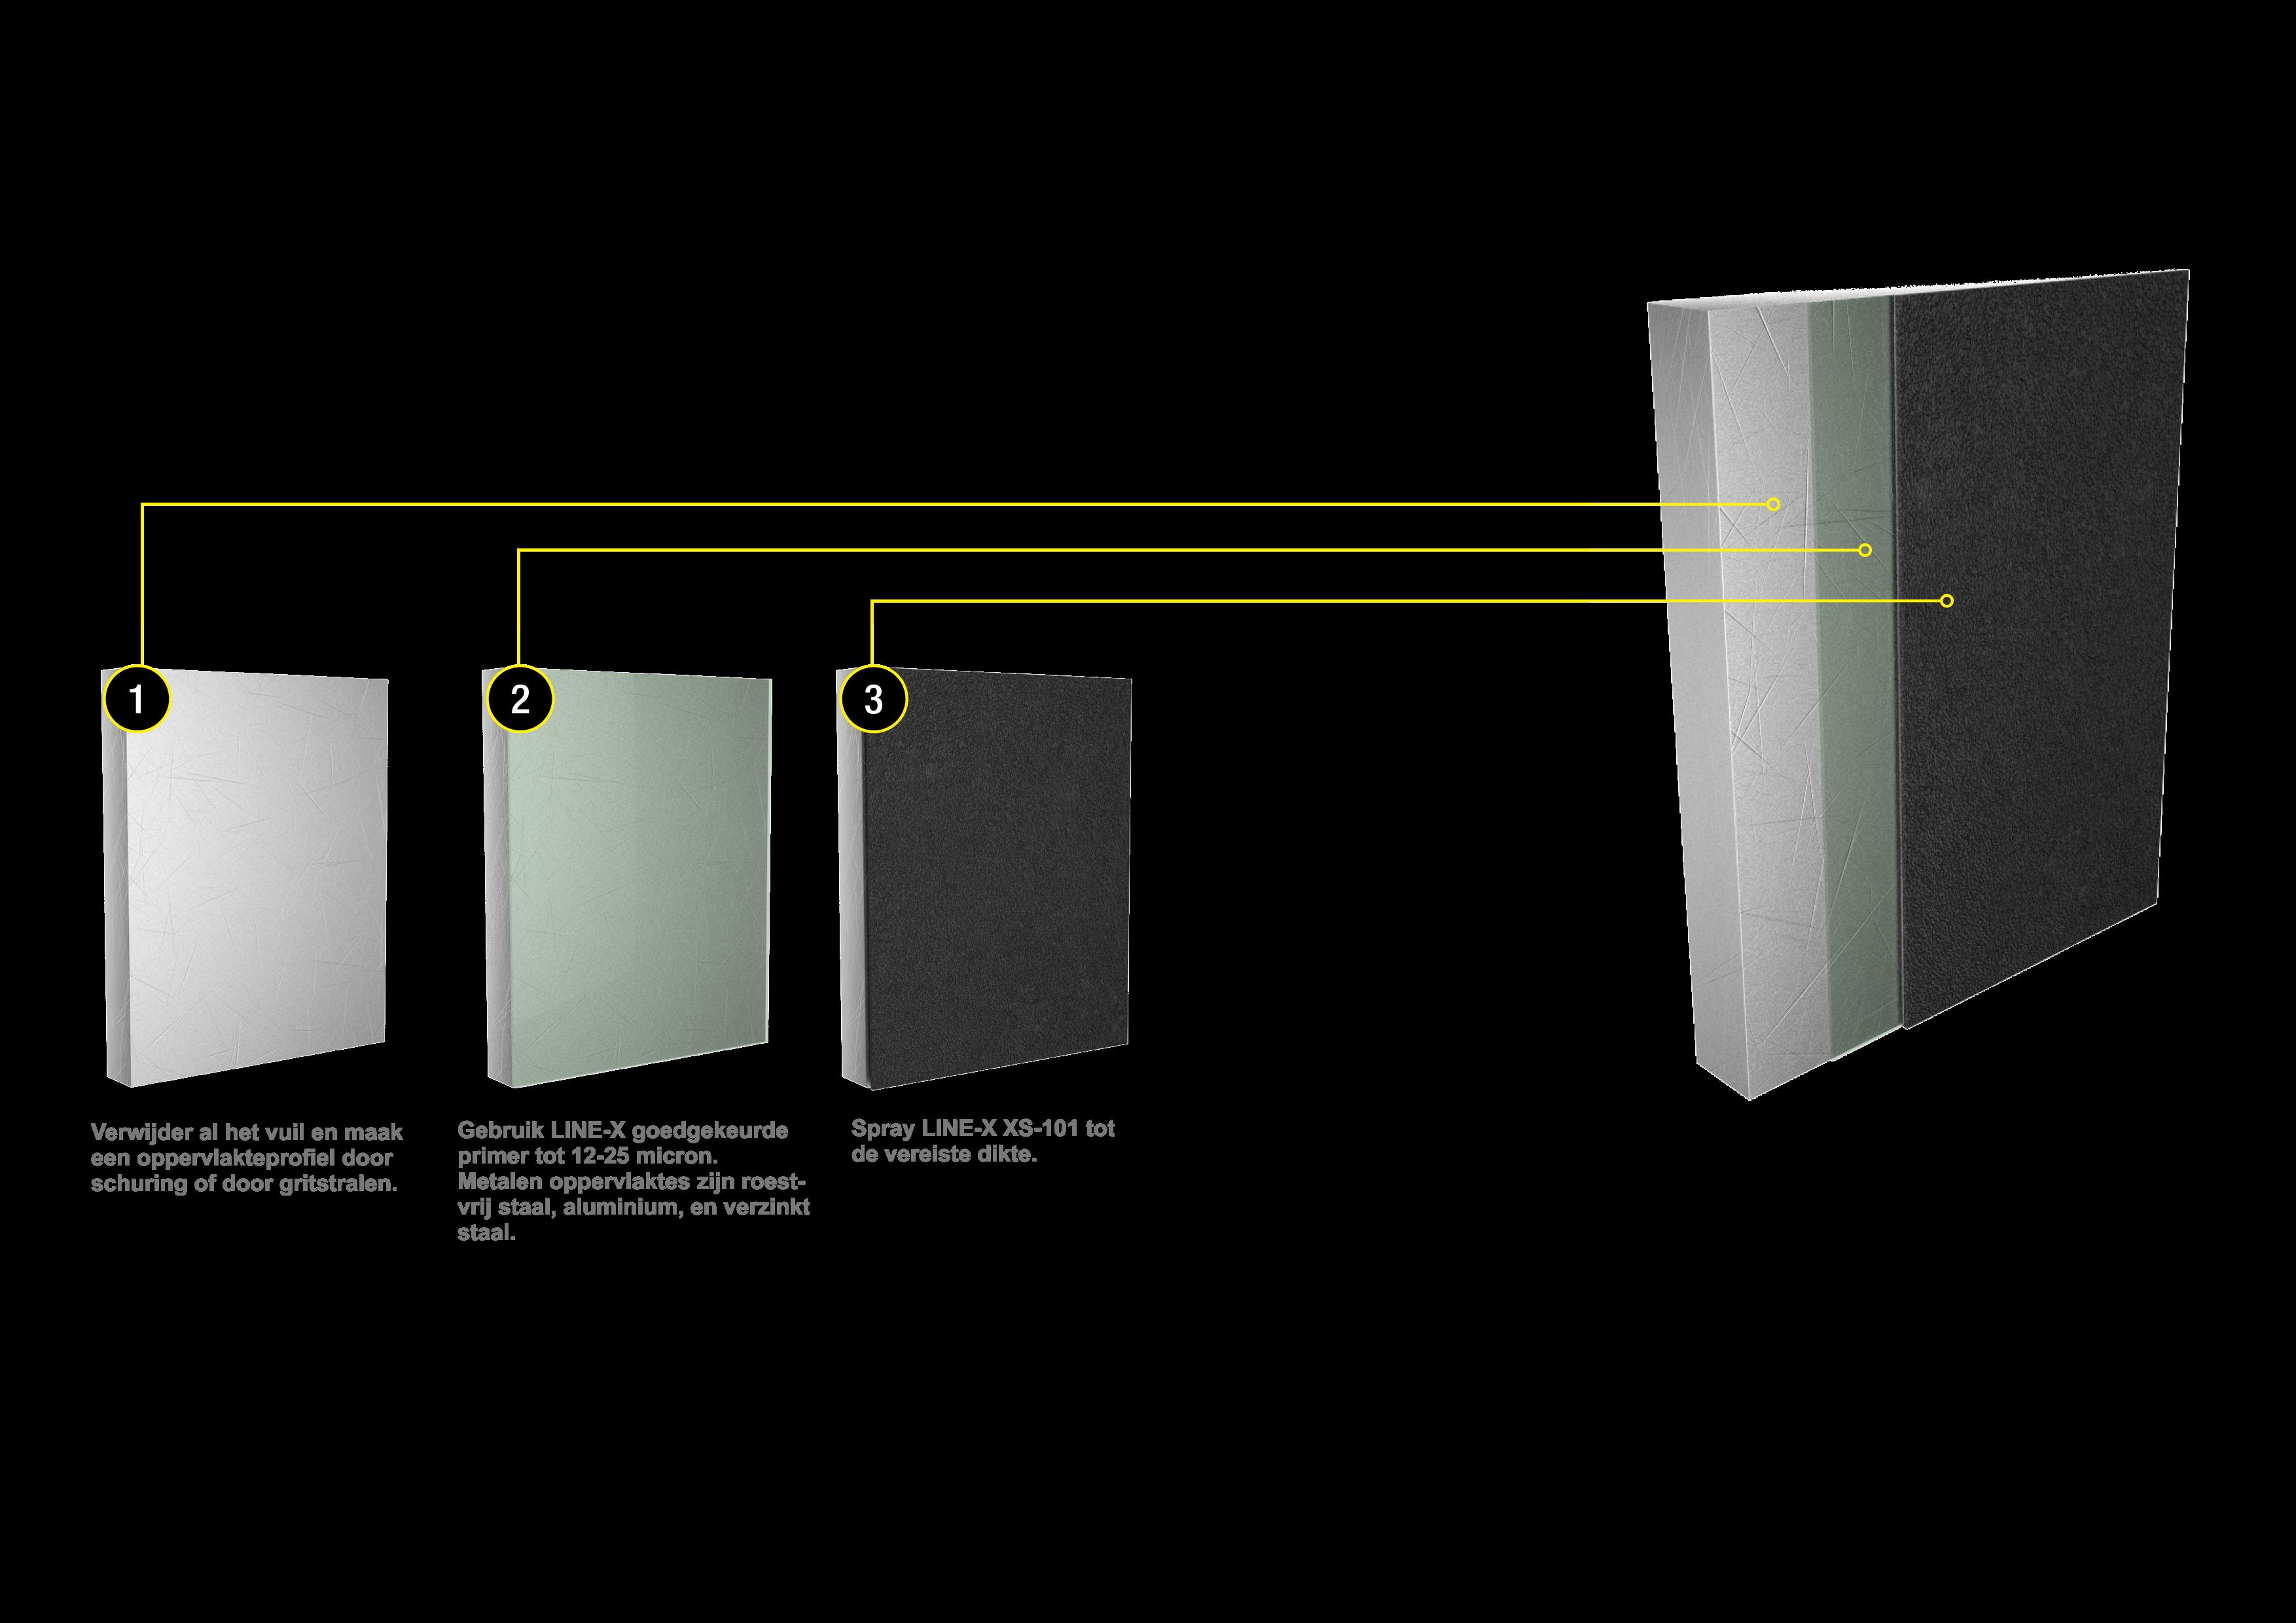 LX - Laadkarren 1